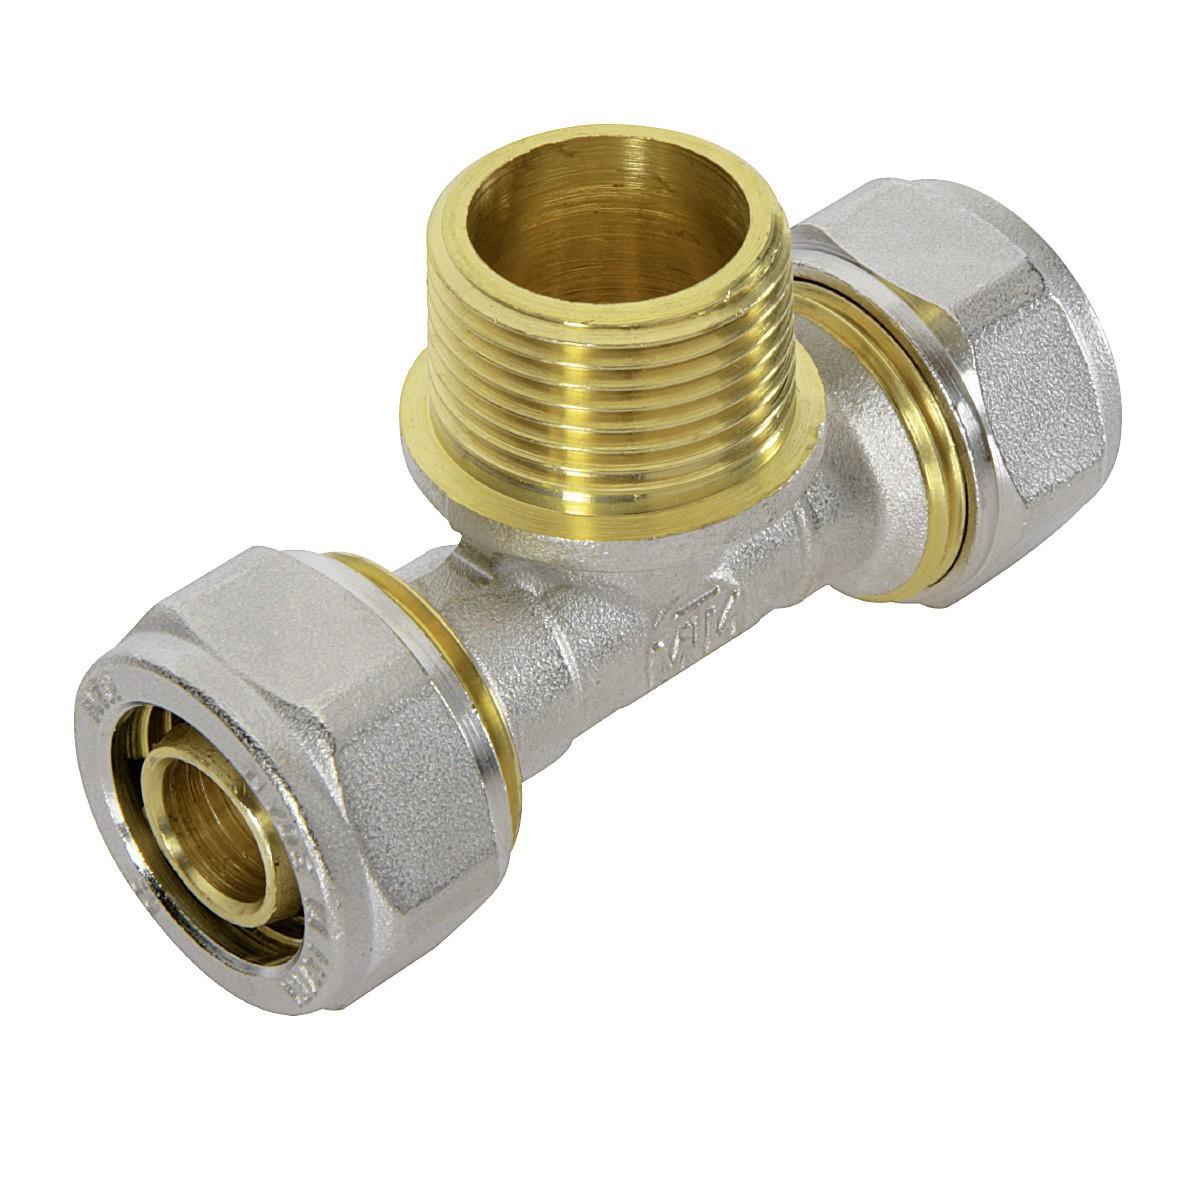 Screw fitting compression composite pipe aluminium